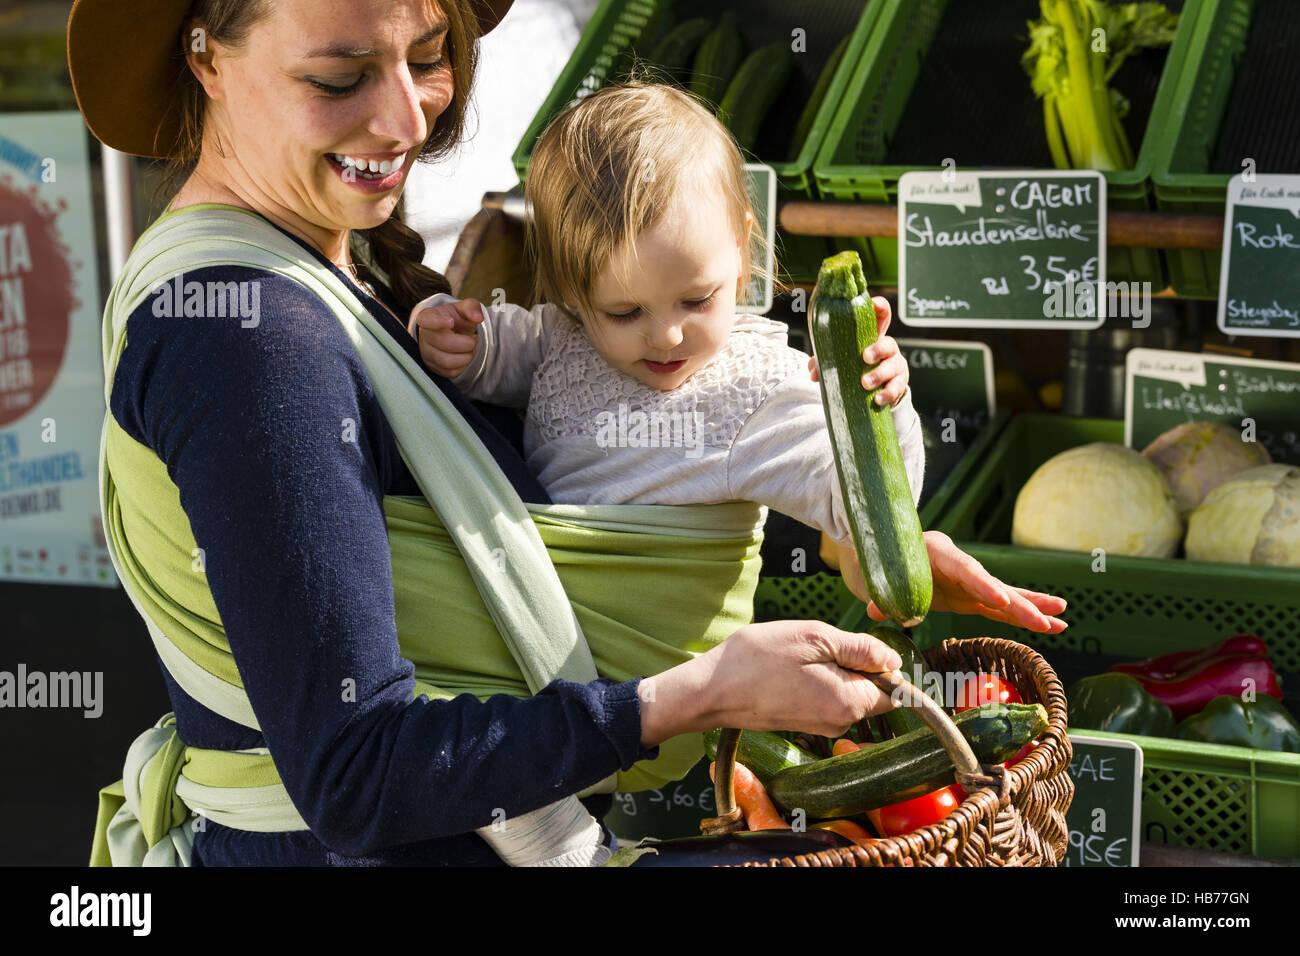 La madre y el niño en baby sling Imagen De Stock